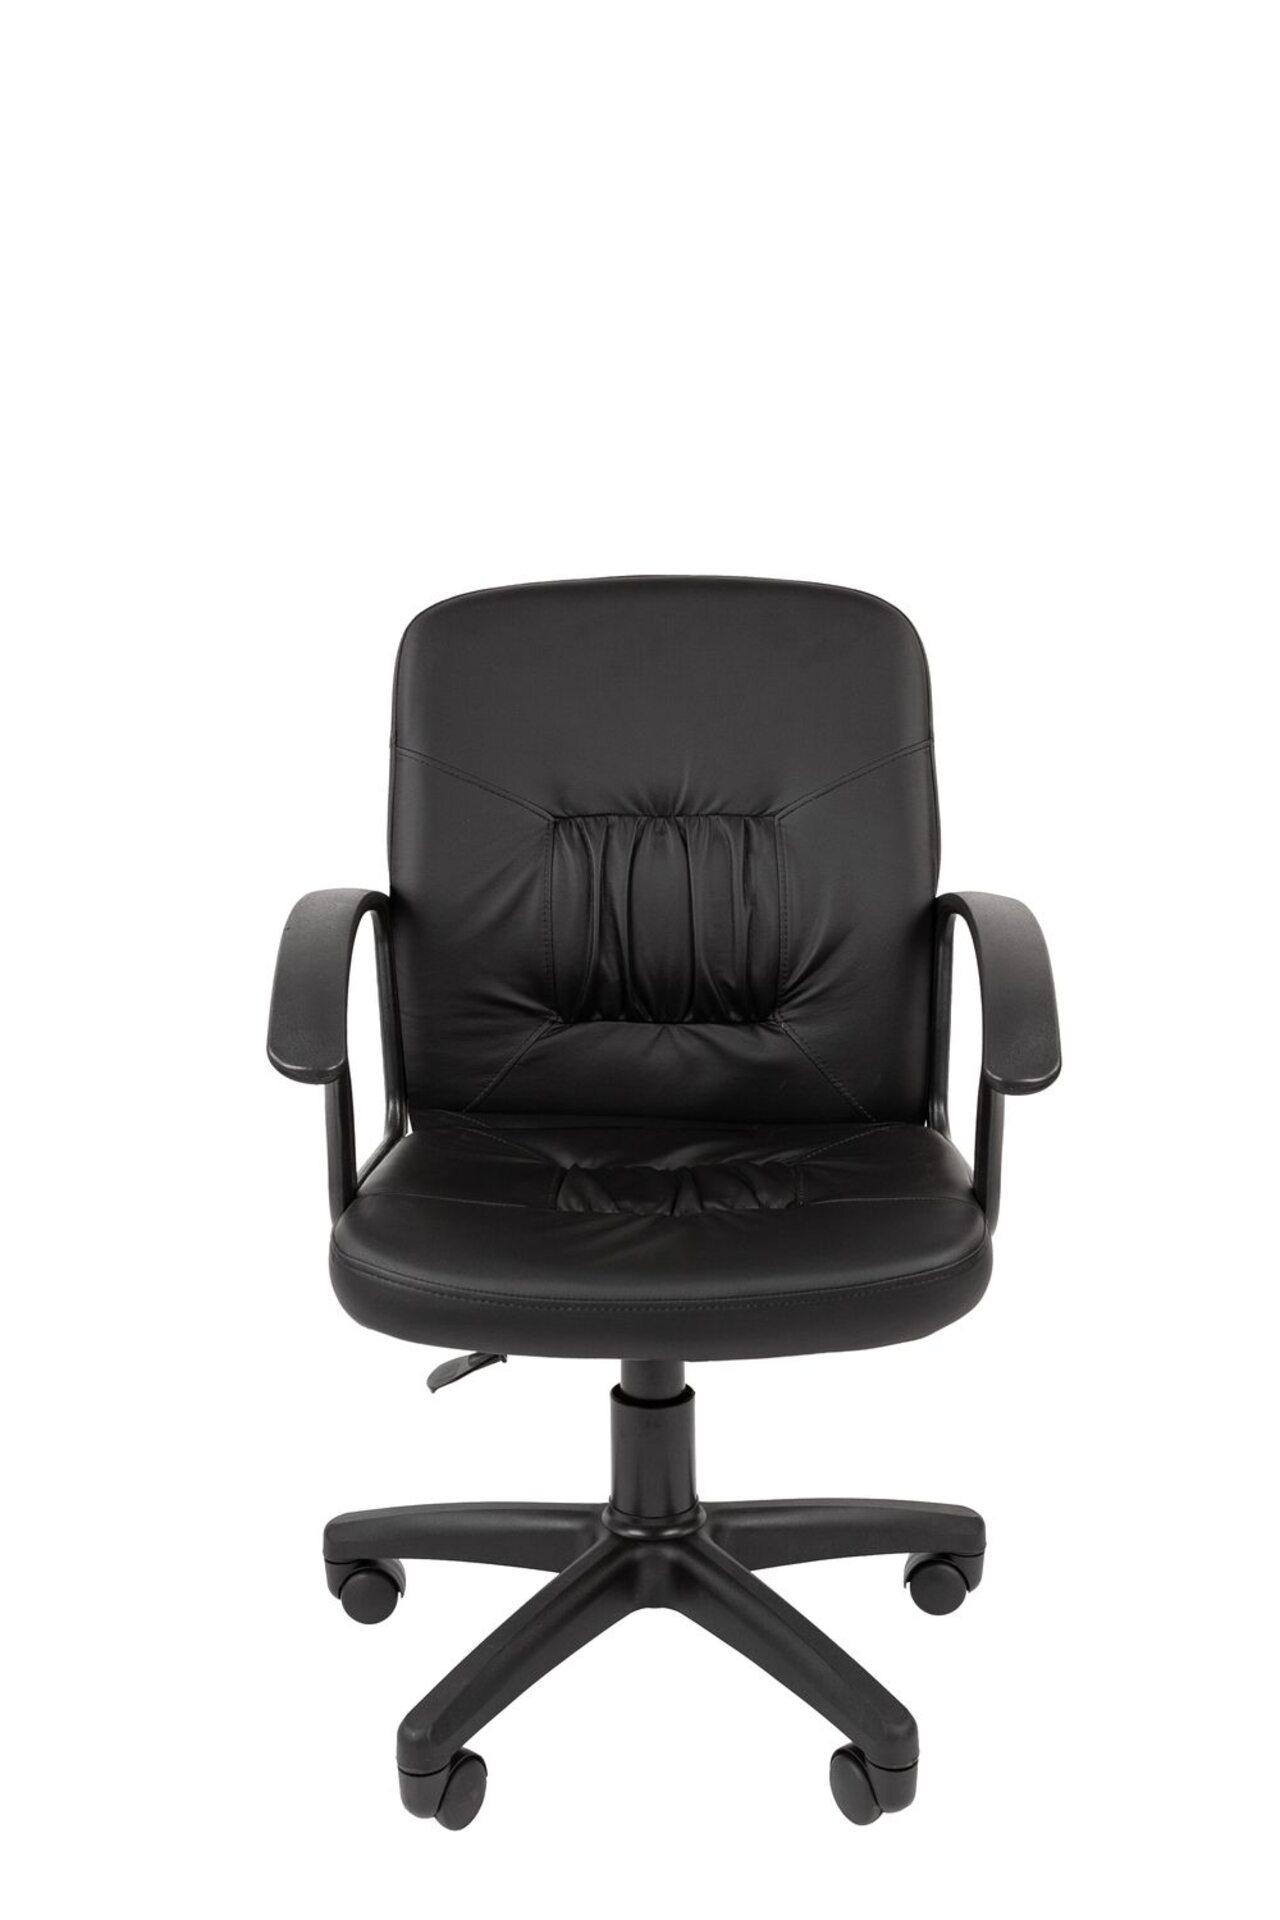 Кресло для персонала Стандарт СТ-51 - фото 3